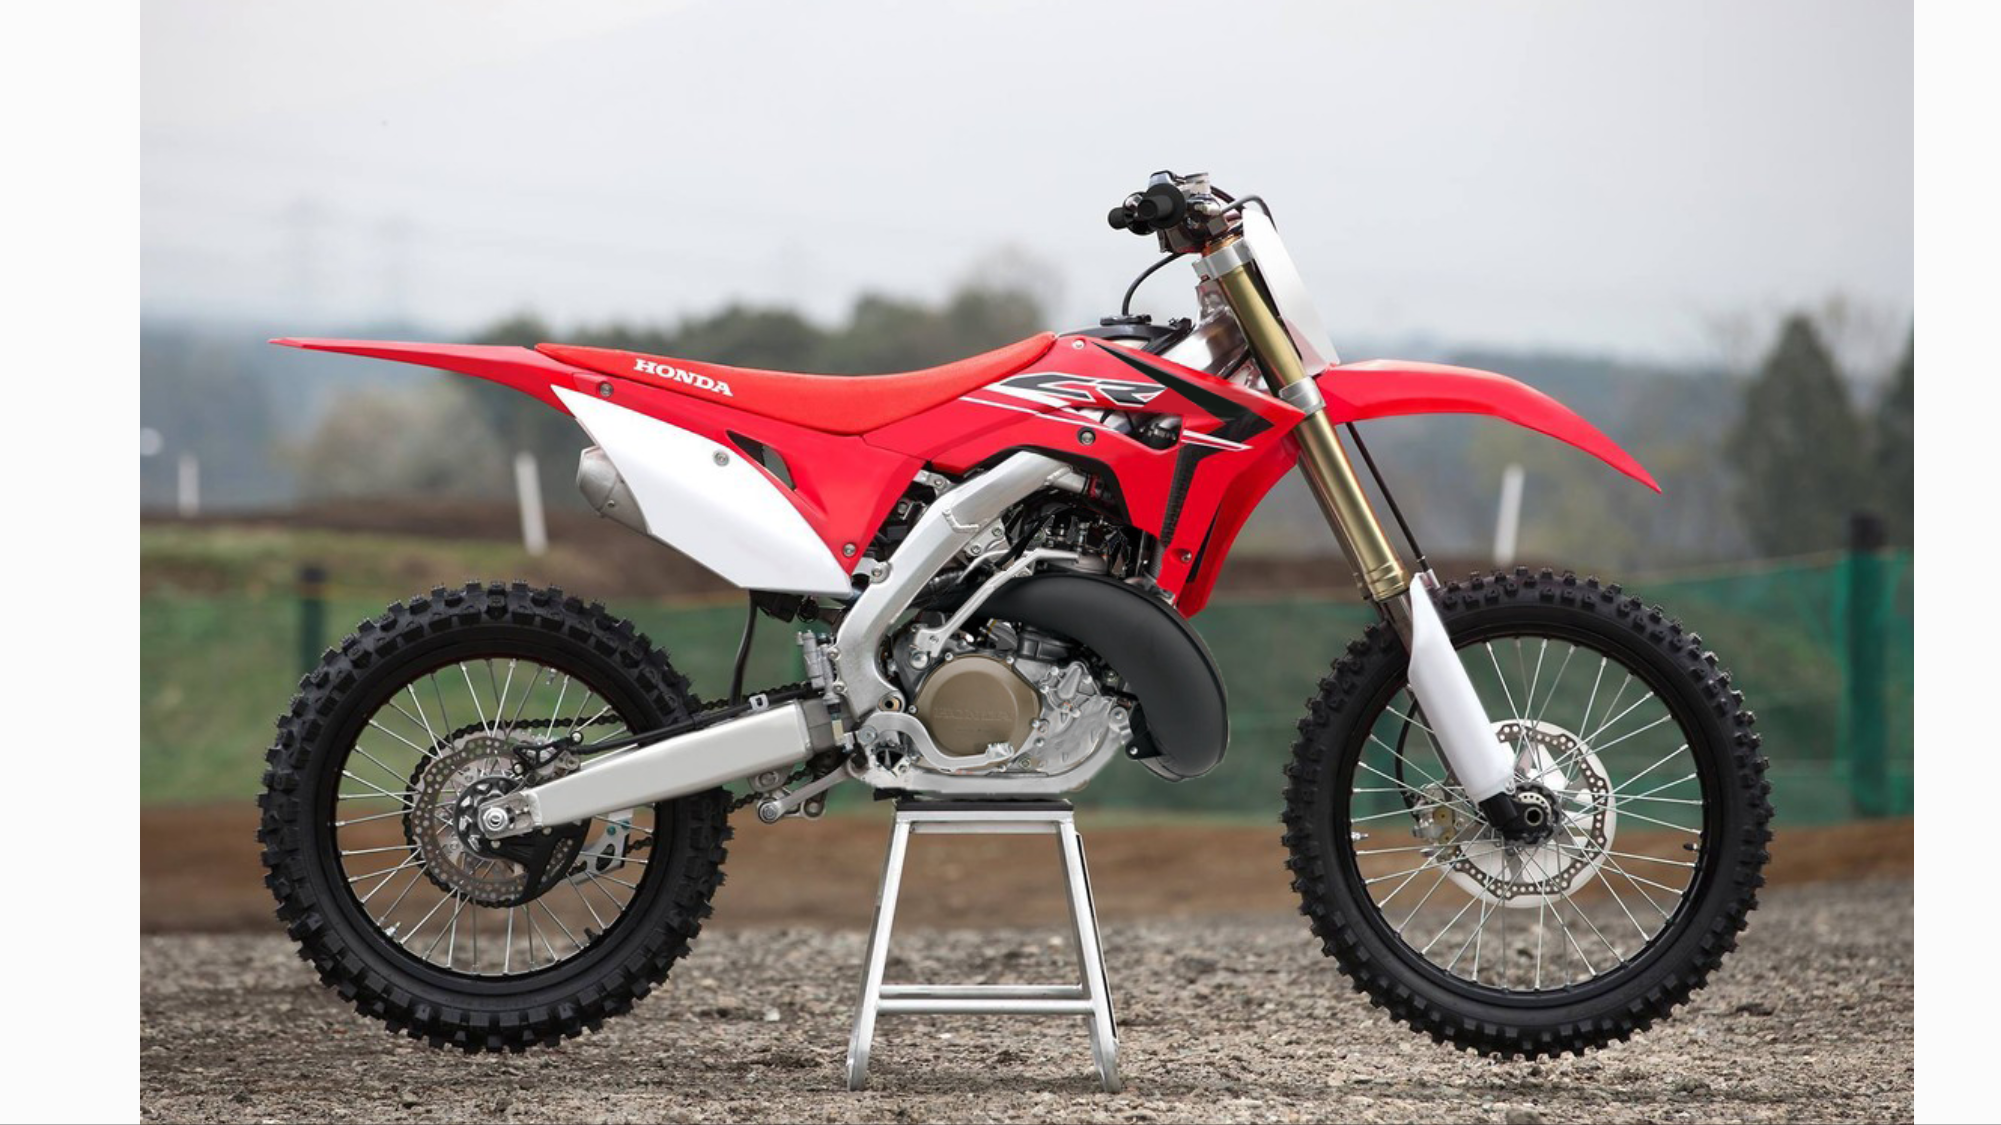 2018 Honda Cr250r Motocross Motocross Motorcycle Dirt Bikes